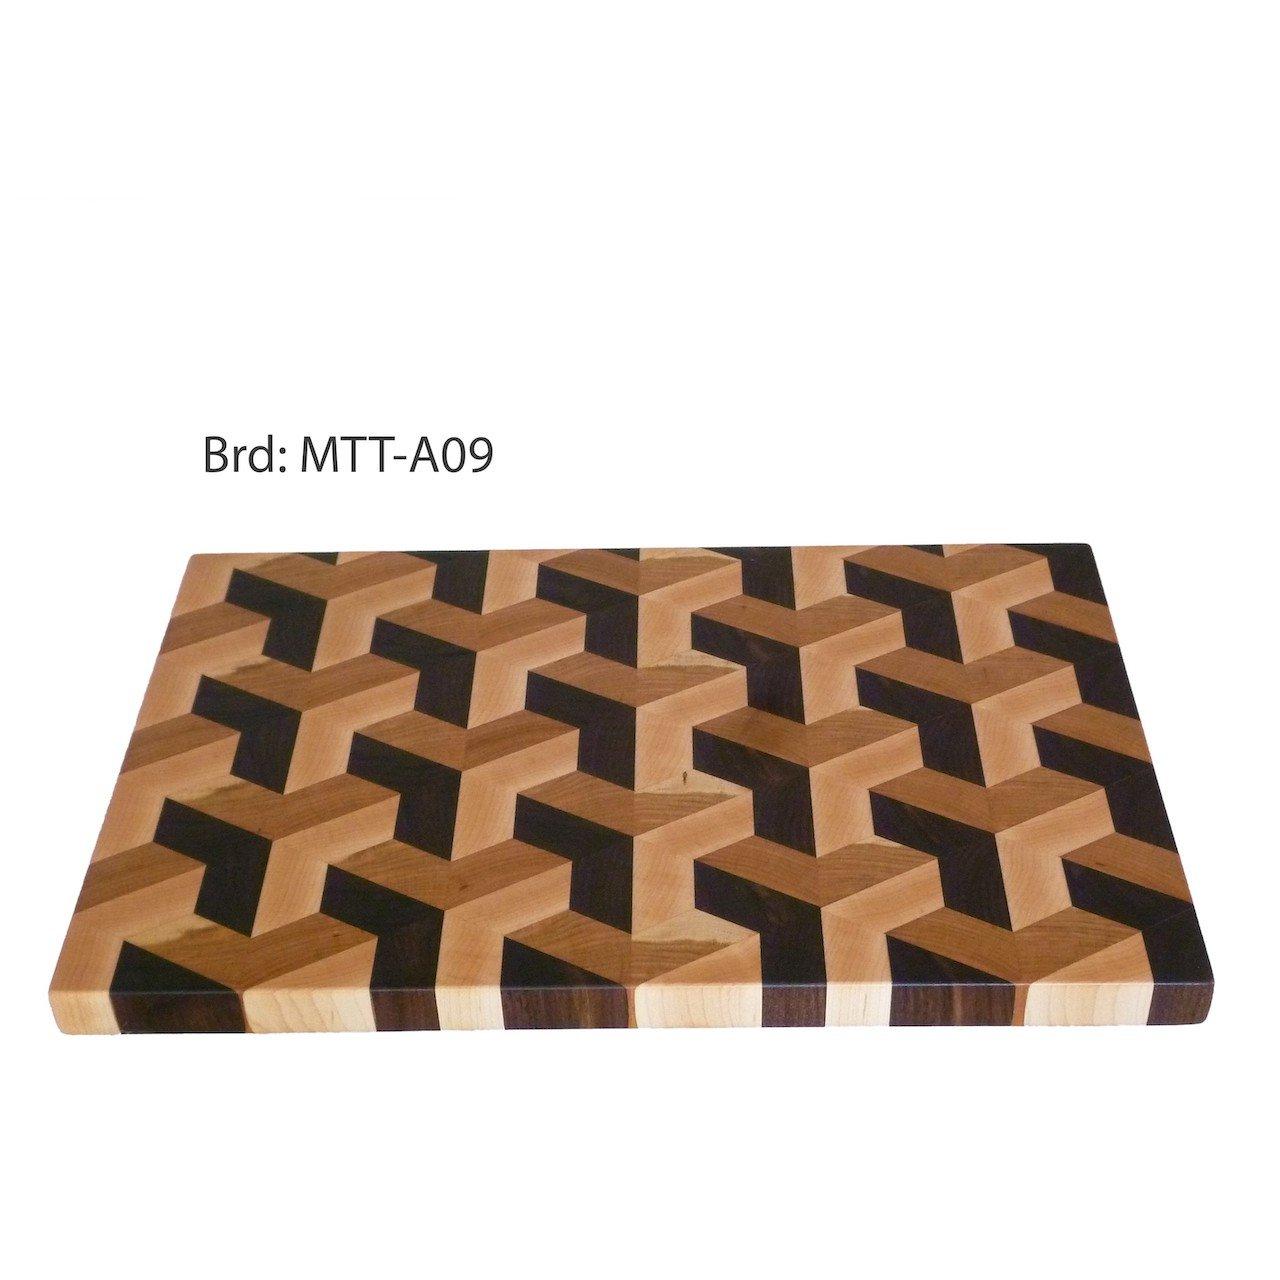 MTTT-A09